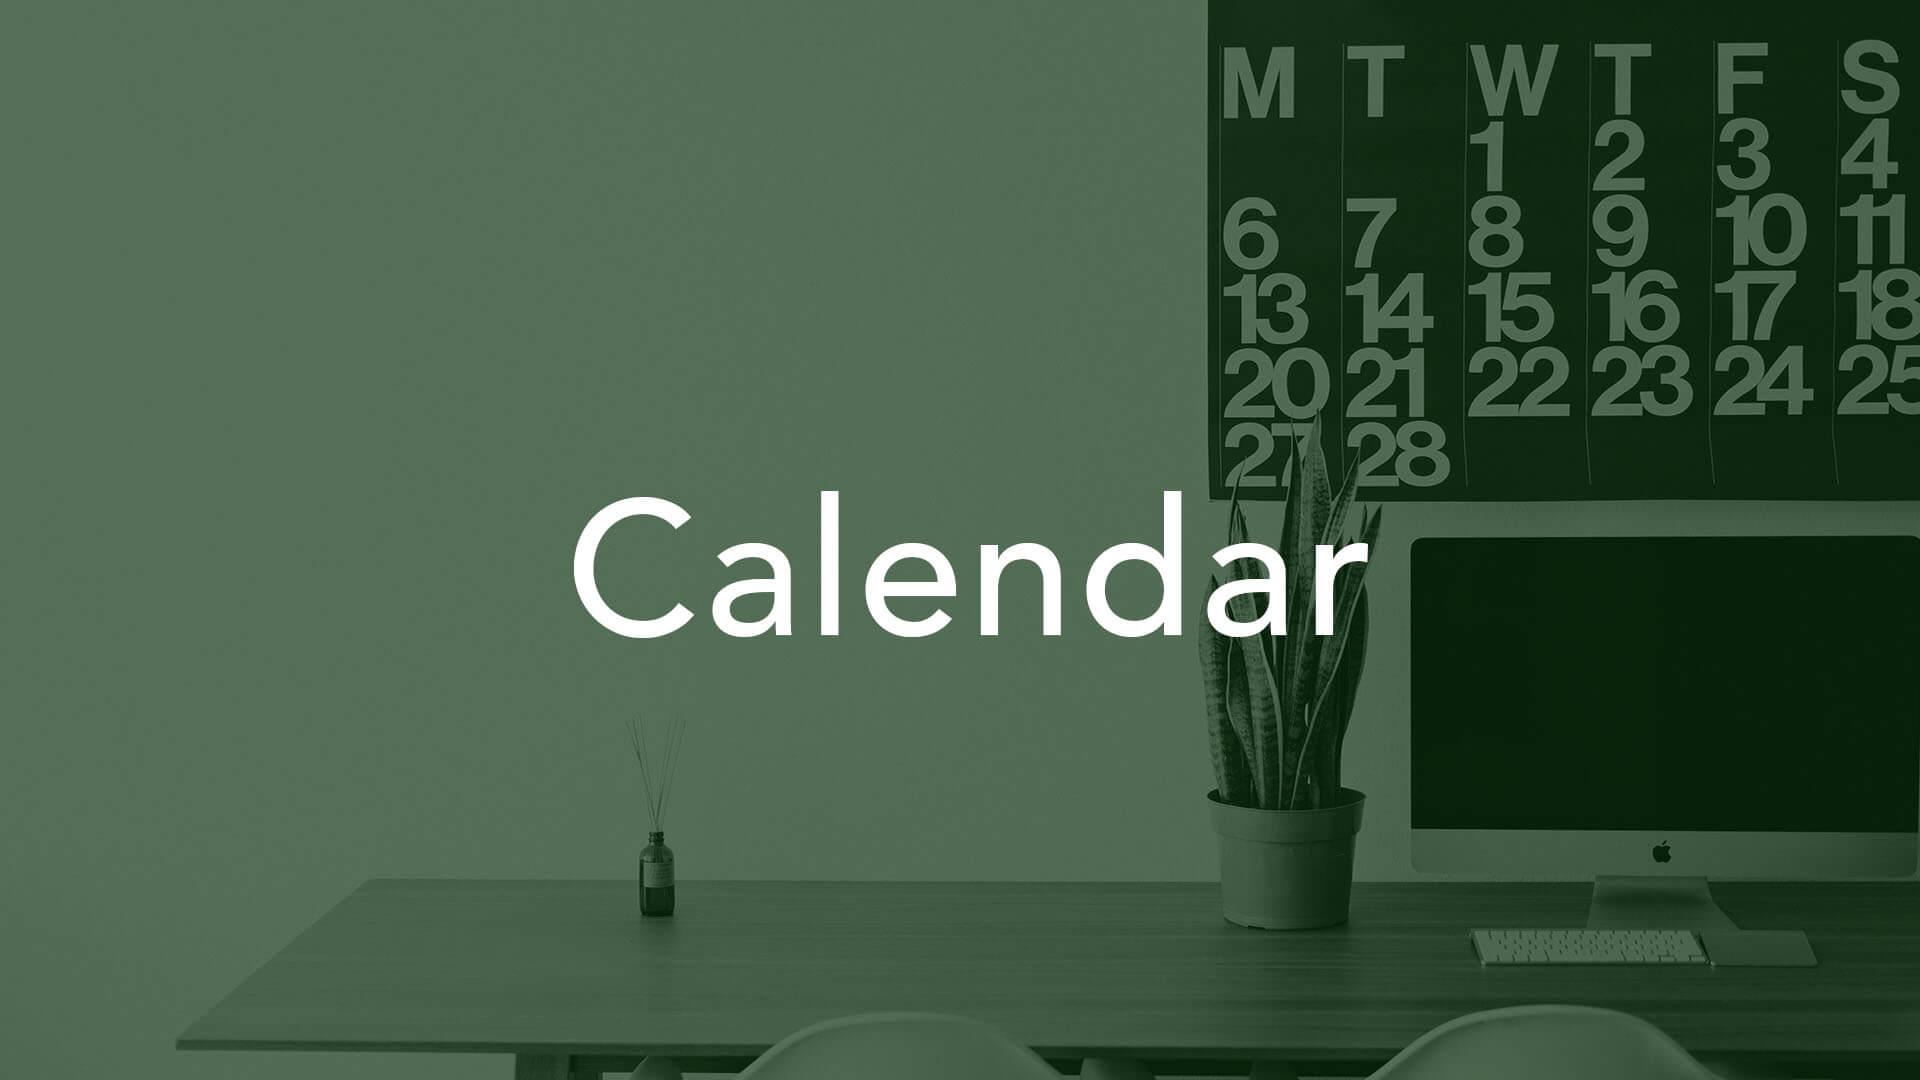 Calendardark